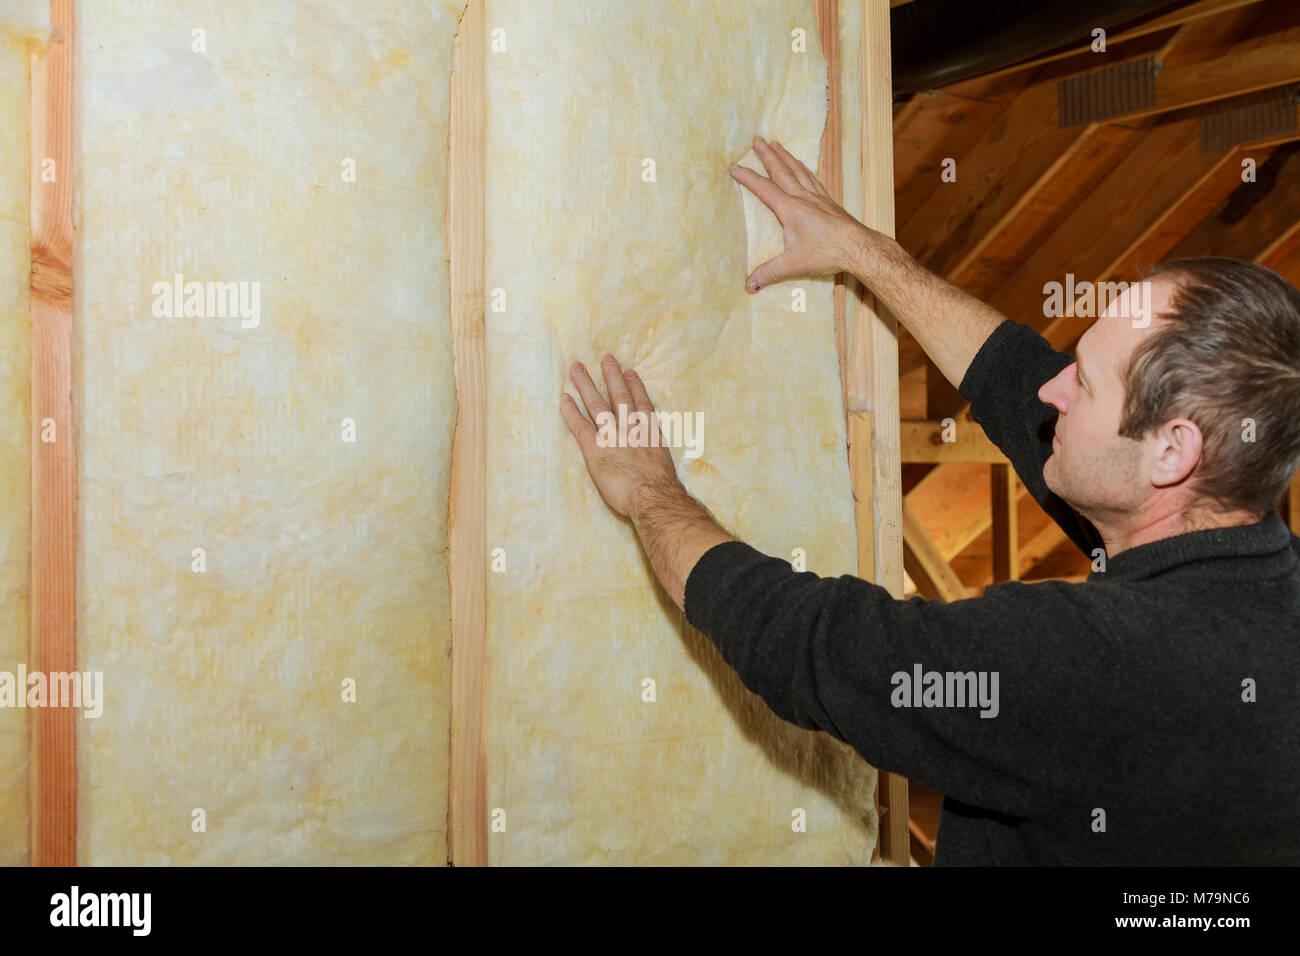 Instalación de aislamiento térmico y hidro aislamiento de pared interior en wooden house, edificio en Imagen De Stock